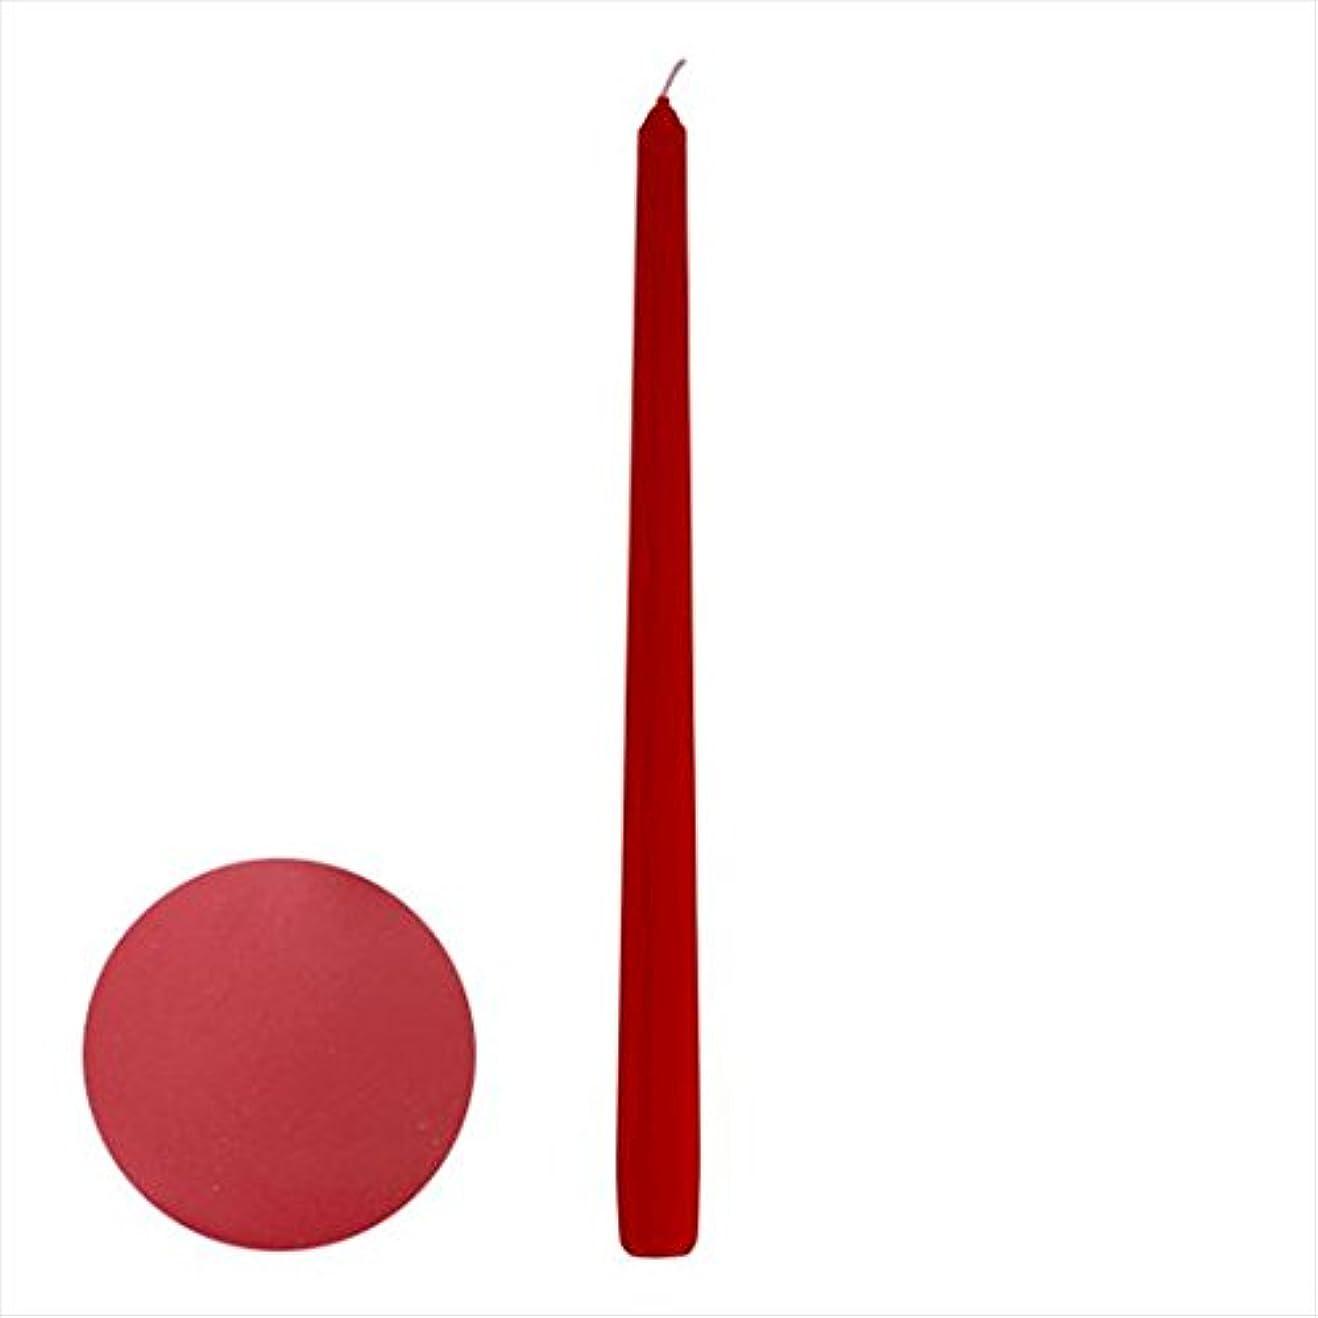 ウガンダアフリカ仕えるカメヤマキャンドル(kameyama candle) 12インチテーパー 「 ダークレッド 」 12本入り